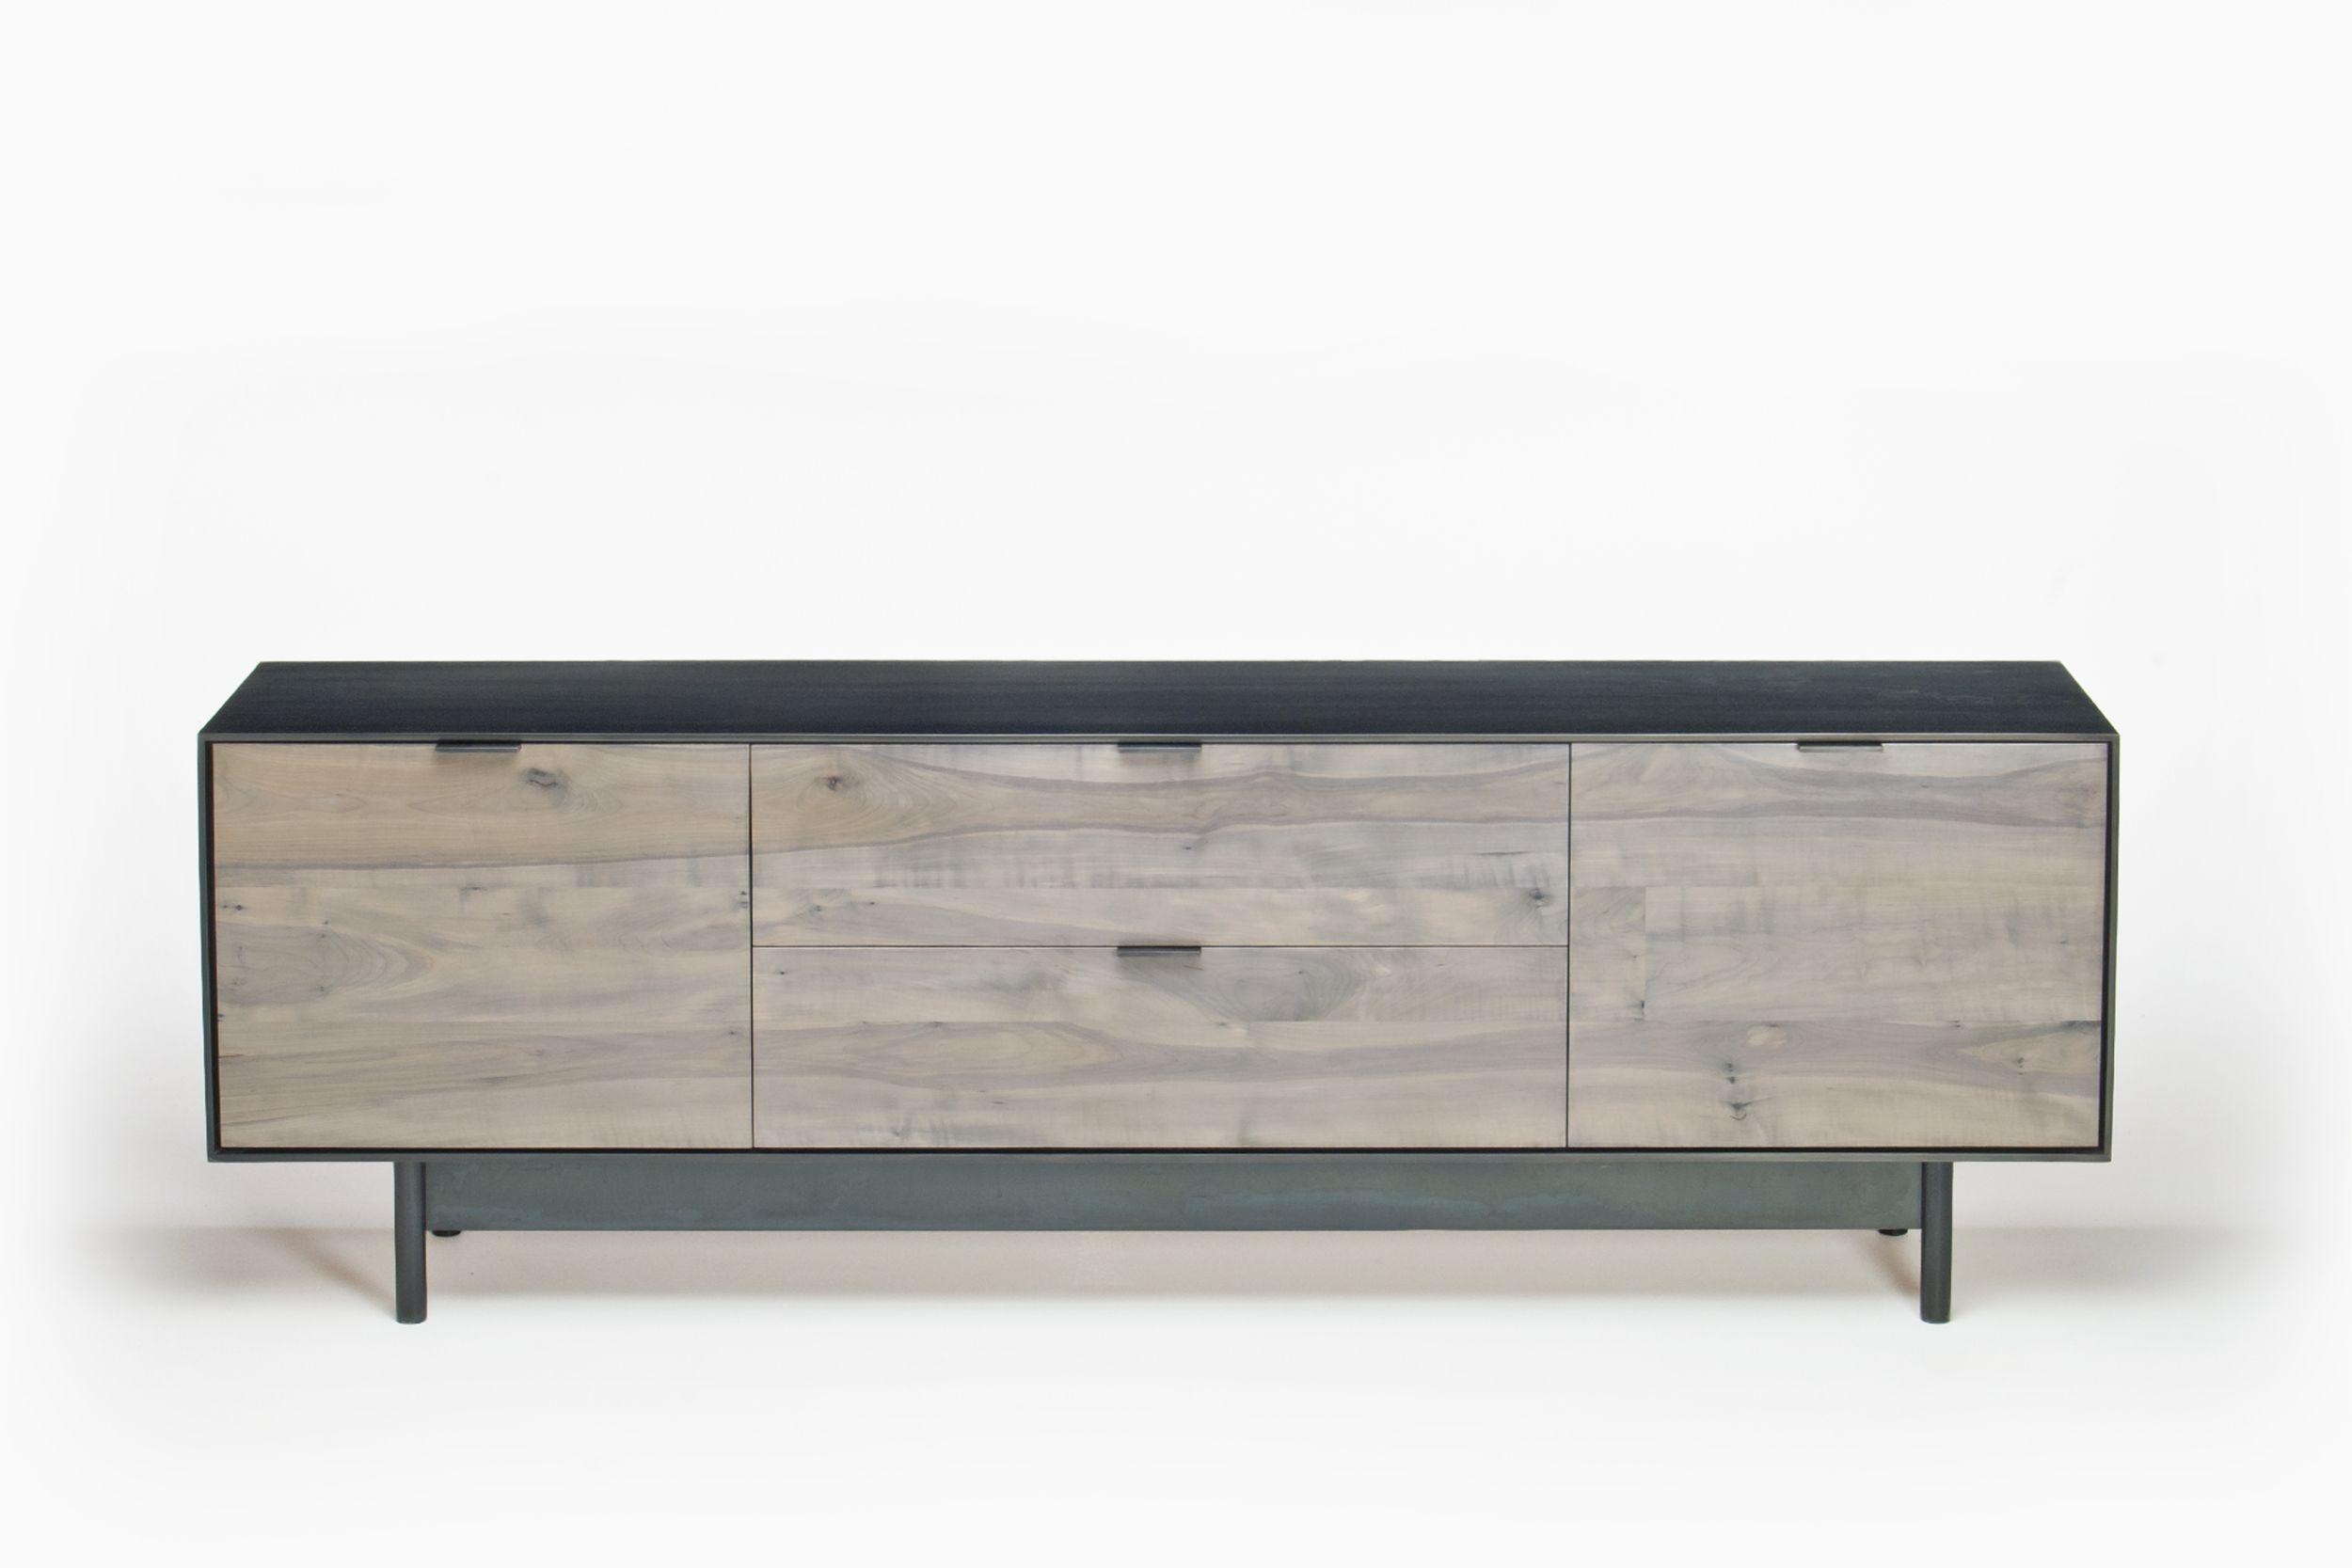 Steel Specialty Stain Low Credenza Con Imagenes Muebles Para Tv